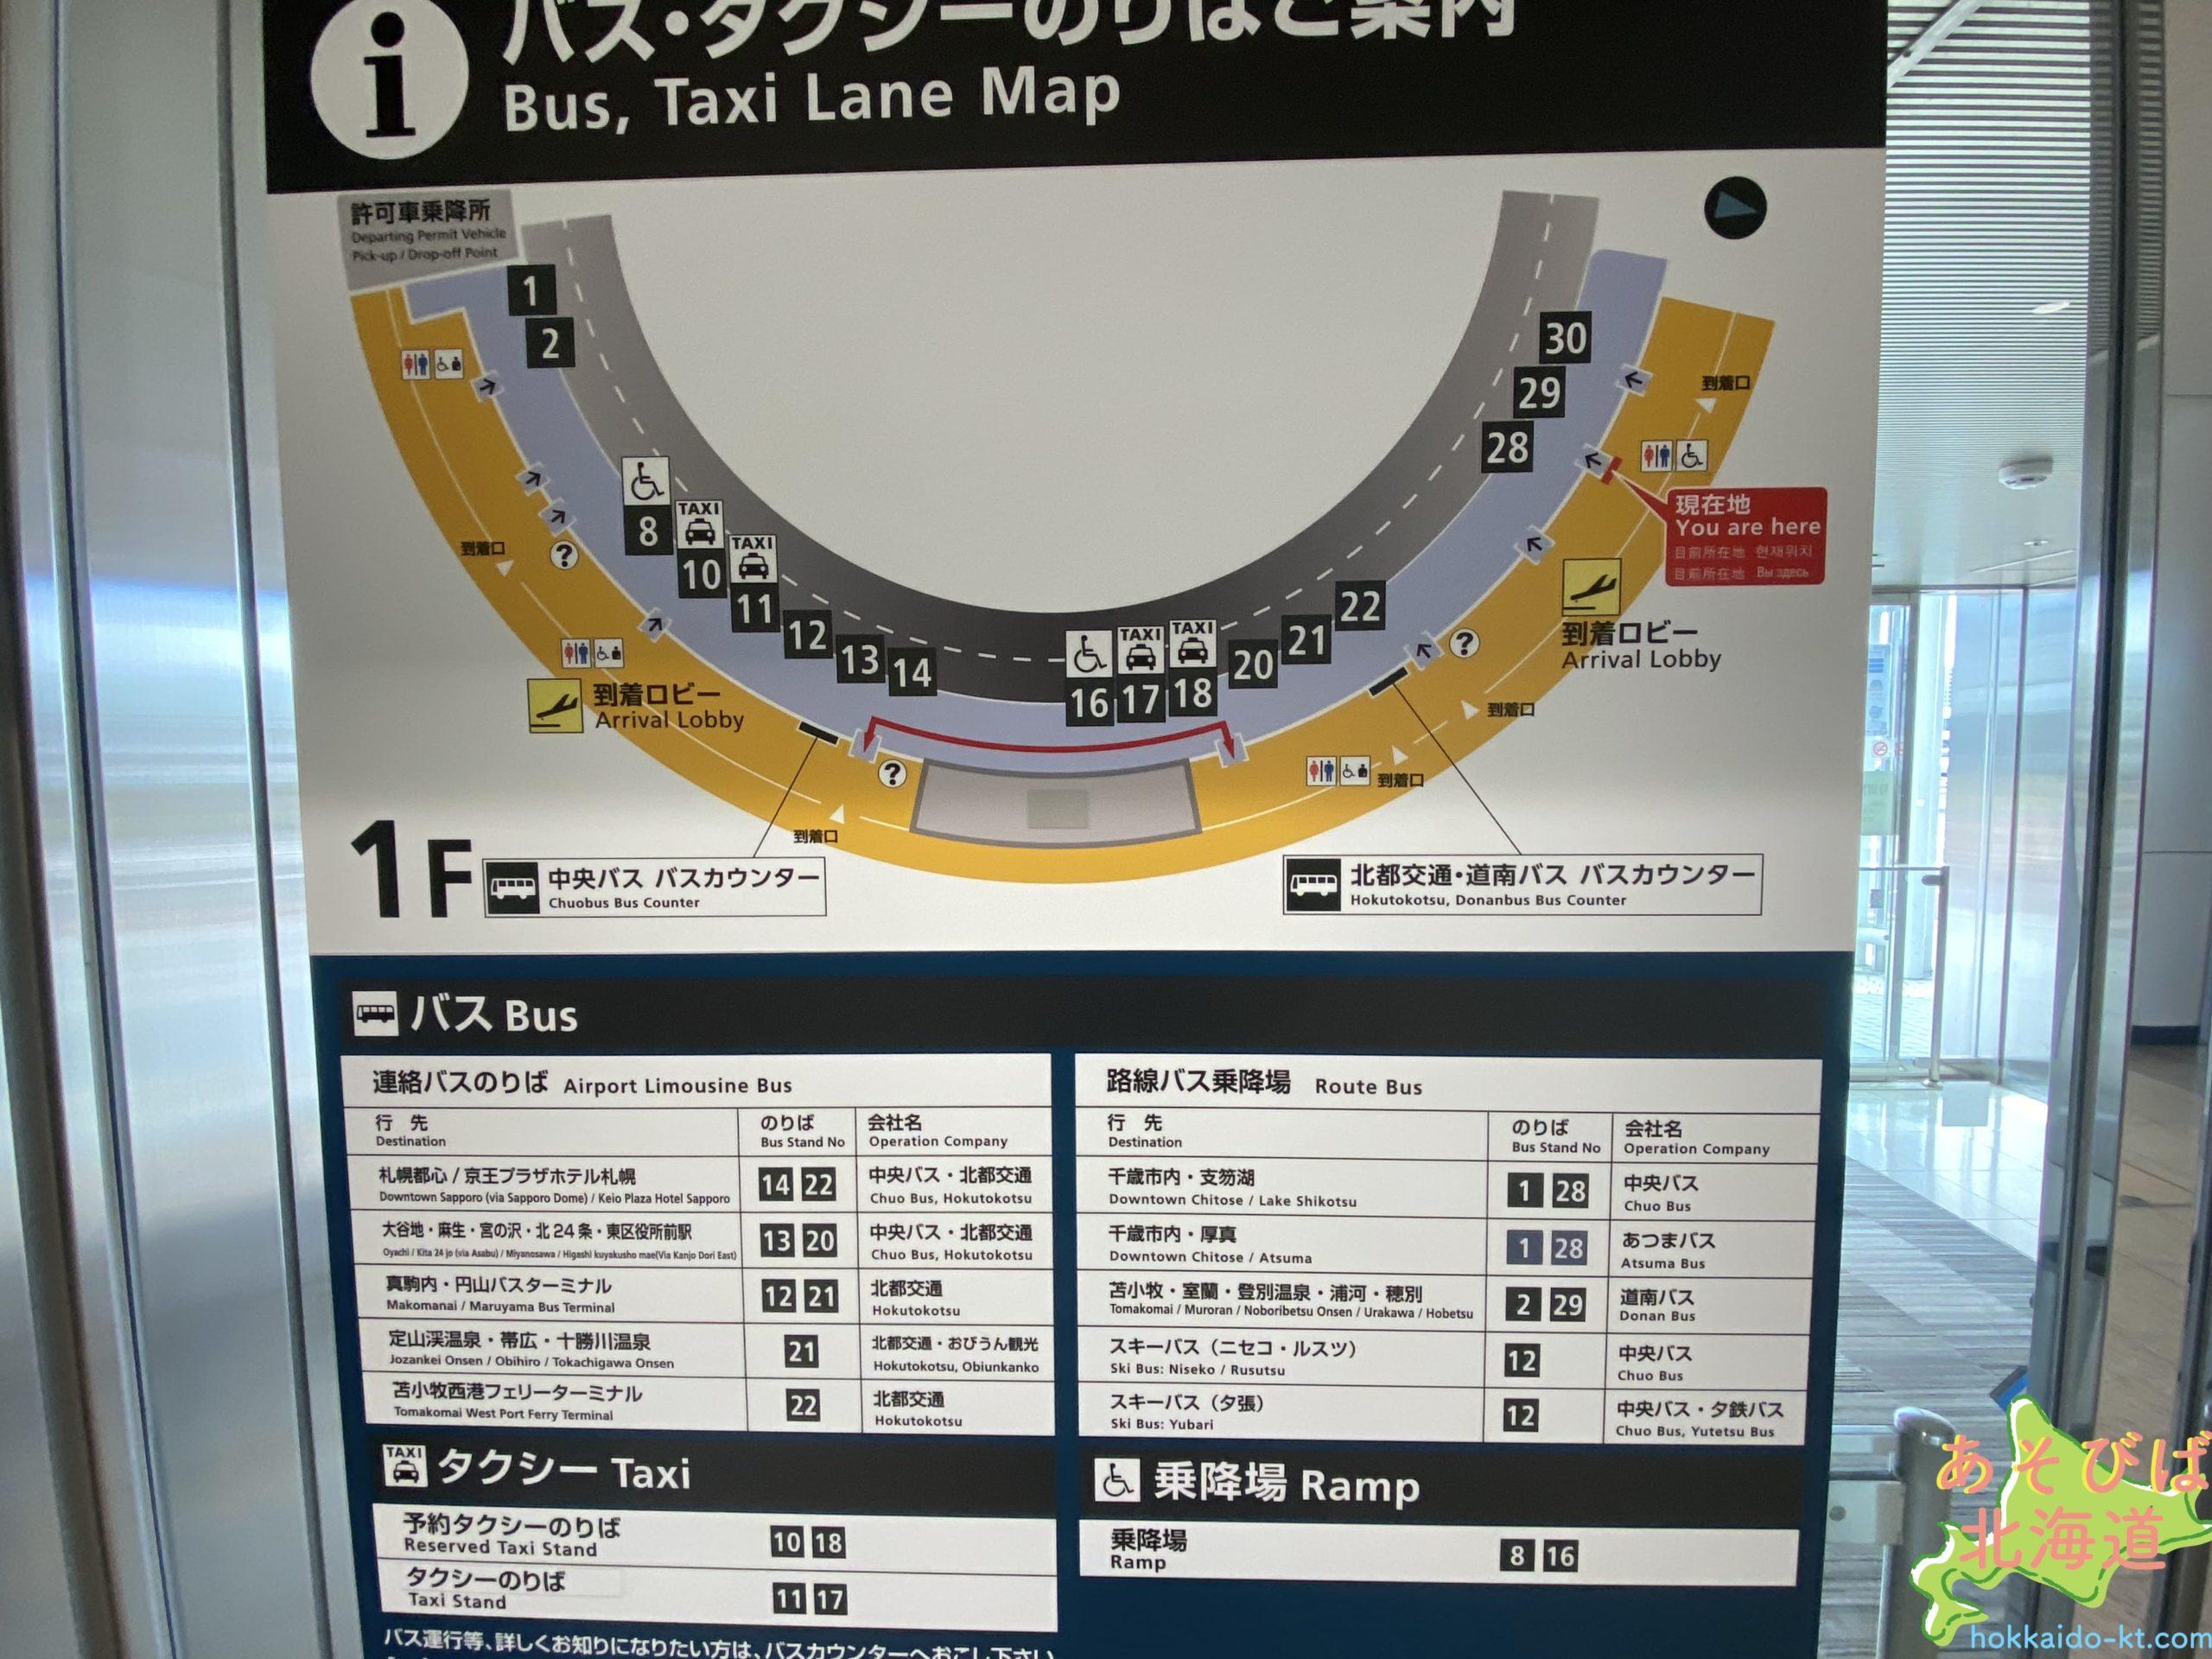 新千歳空港バス乗り場マップ